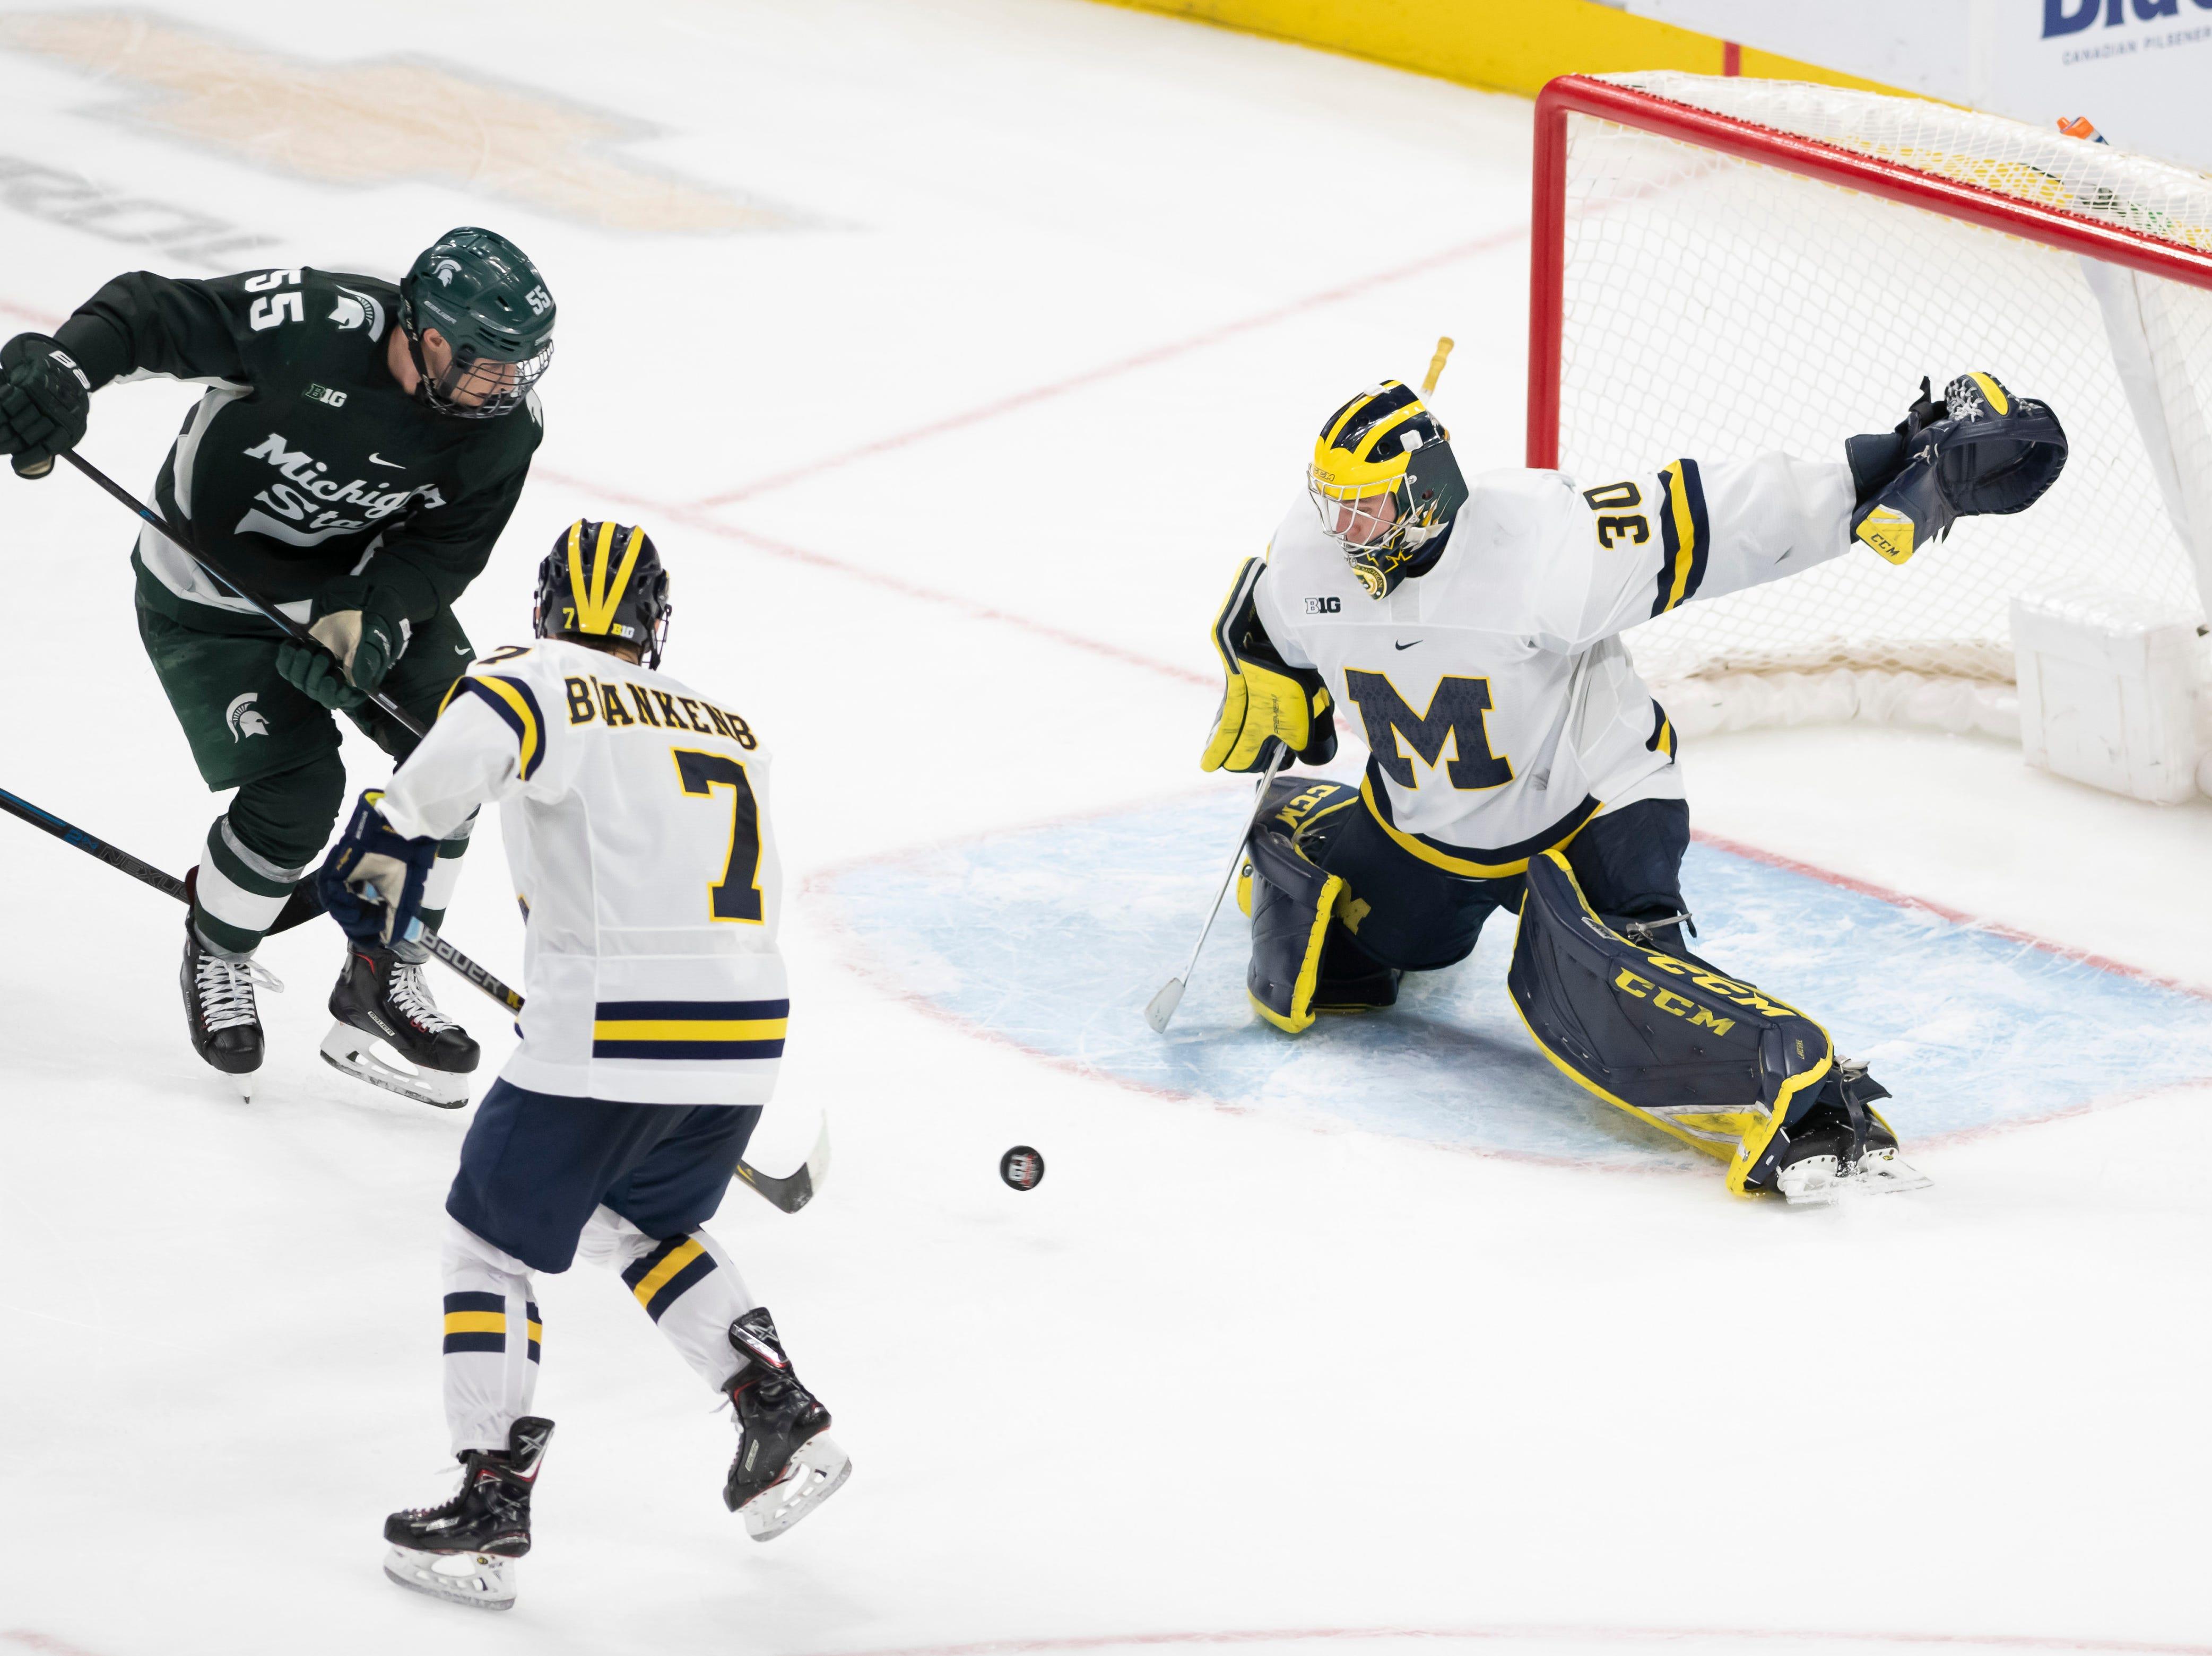 Michigan State forward Patrick Khodorenko can't get the puck past Michigan defenseman Nick Blankenburg and goaltender Hayden Lavigne in the third period.